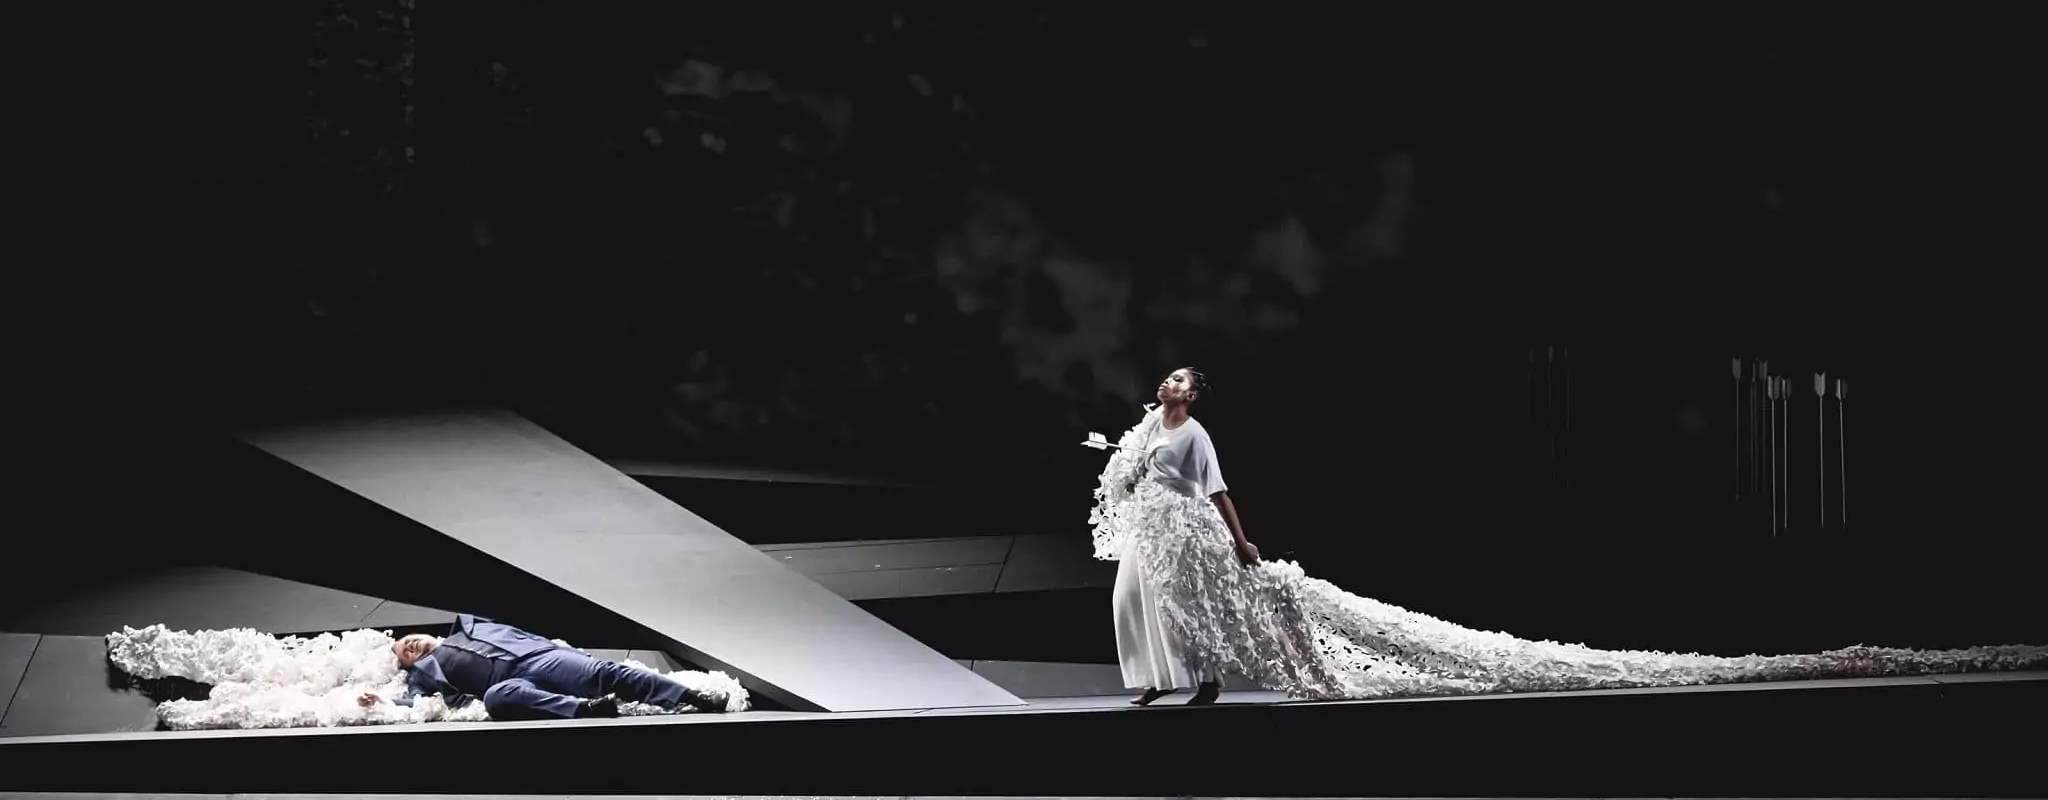 Avec Rusalka, une petite sirène mortelle éclabousse l'Opéra du Rhin